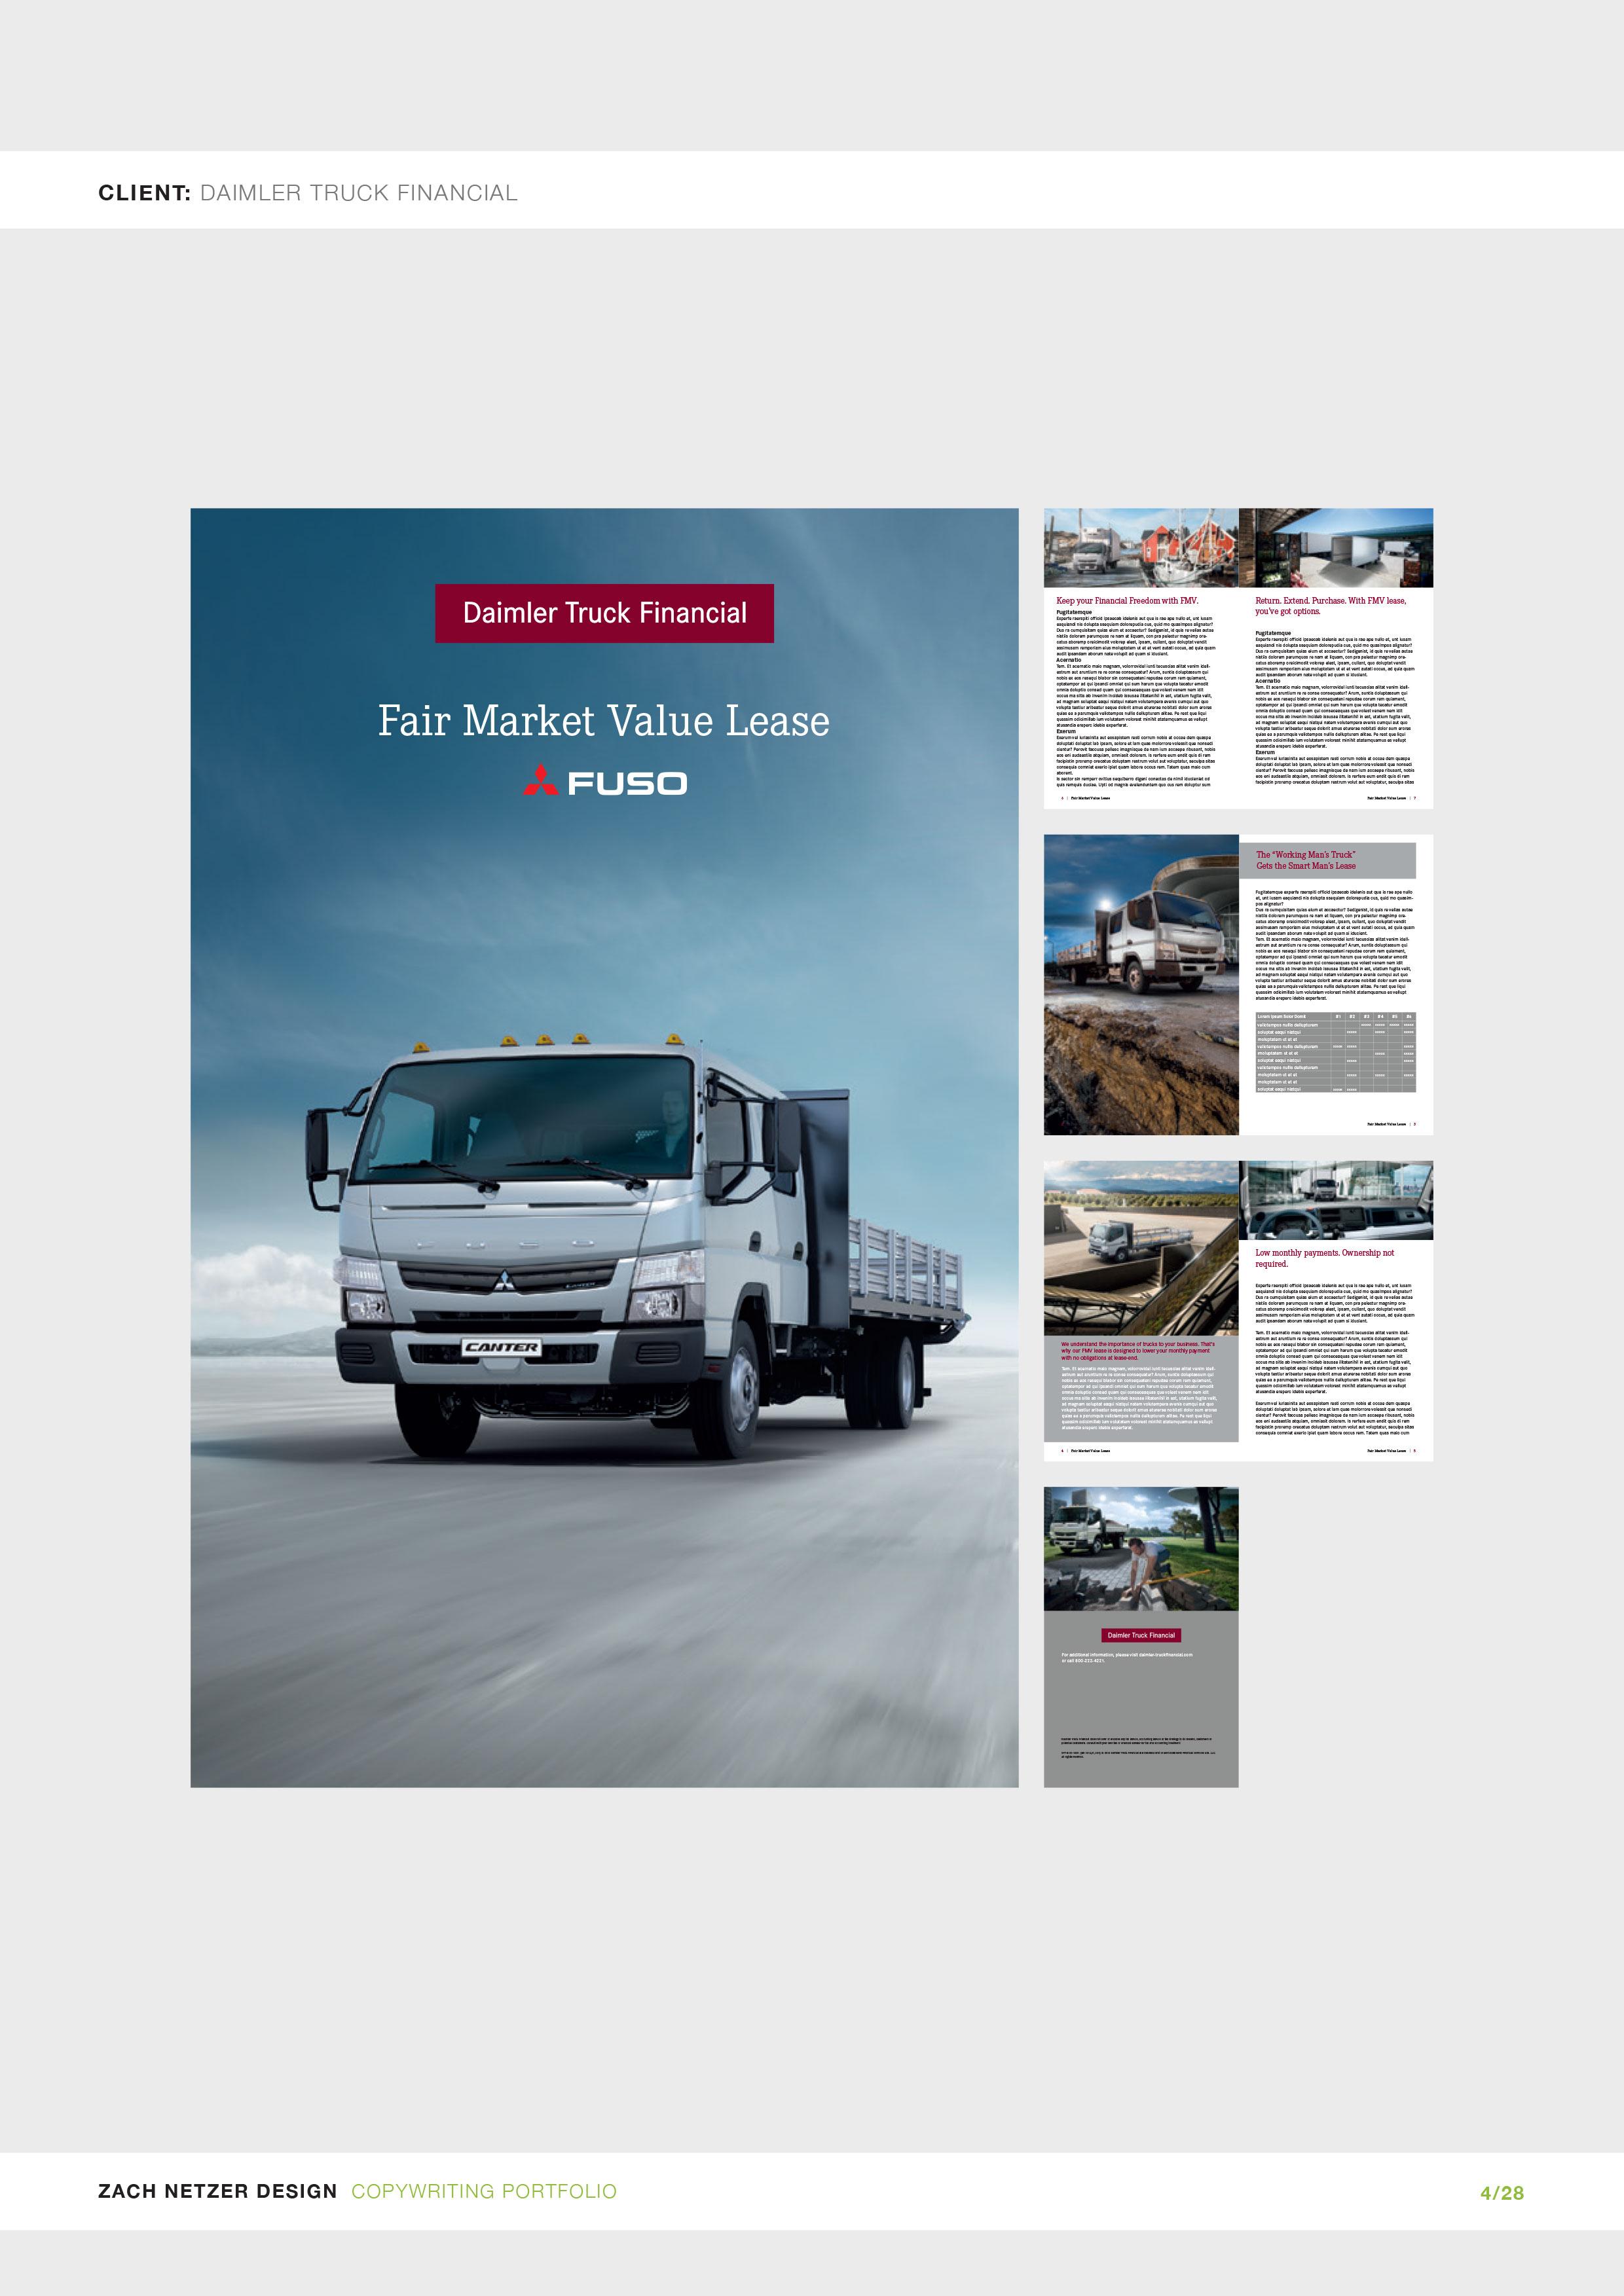 Zach-Netzer-Design---Copywriting-Portfolio-4.jpg